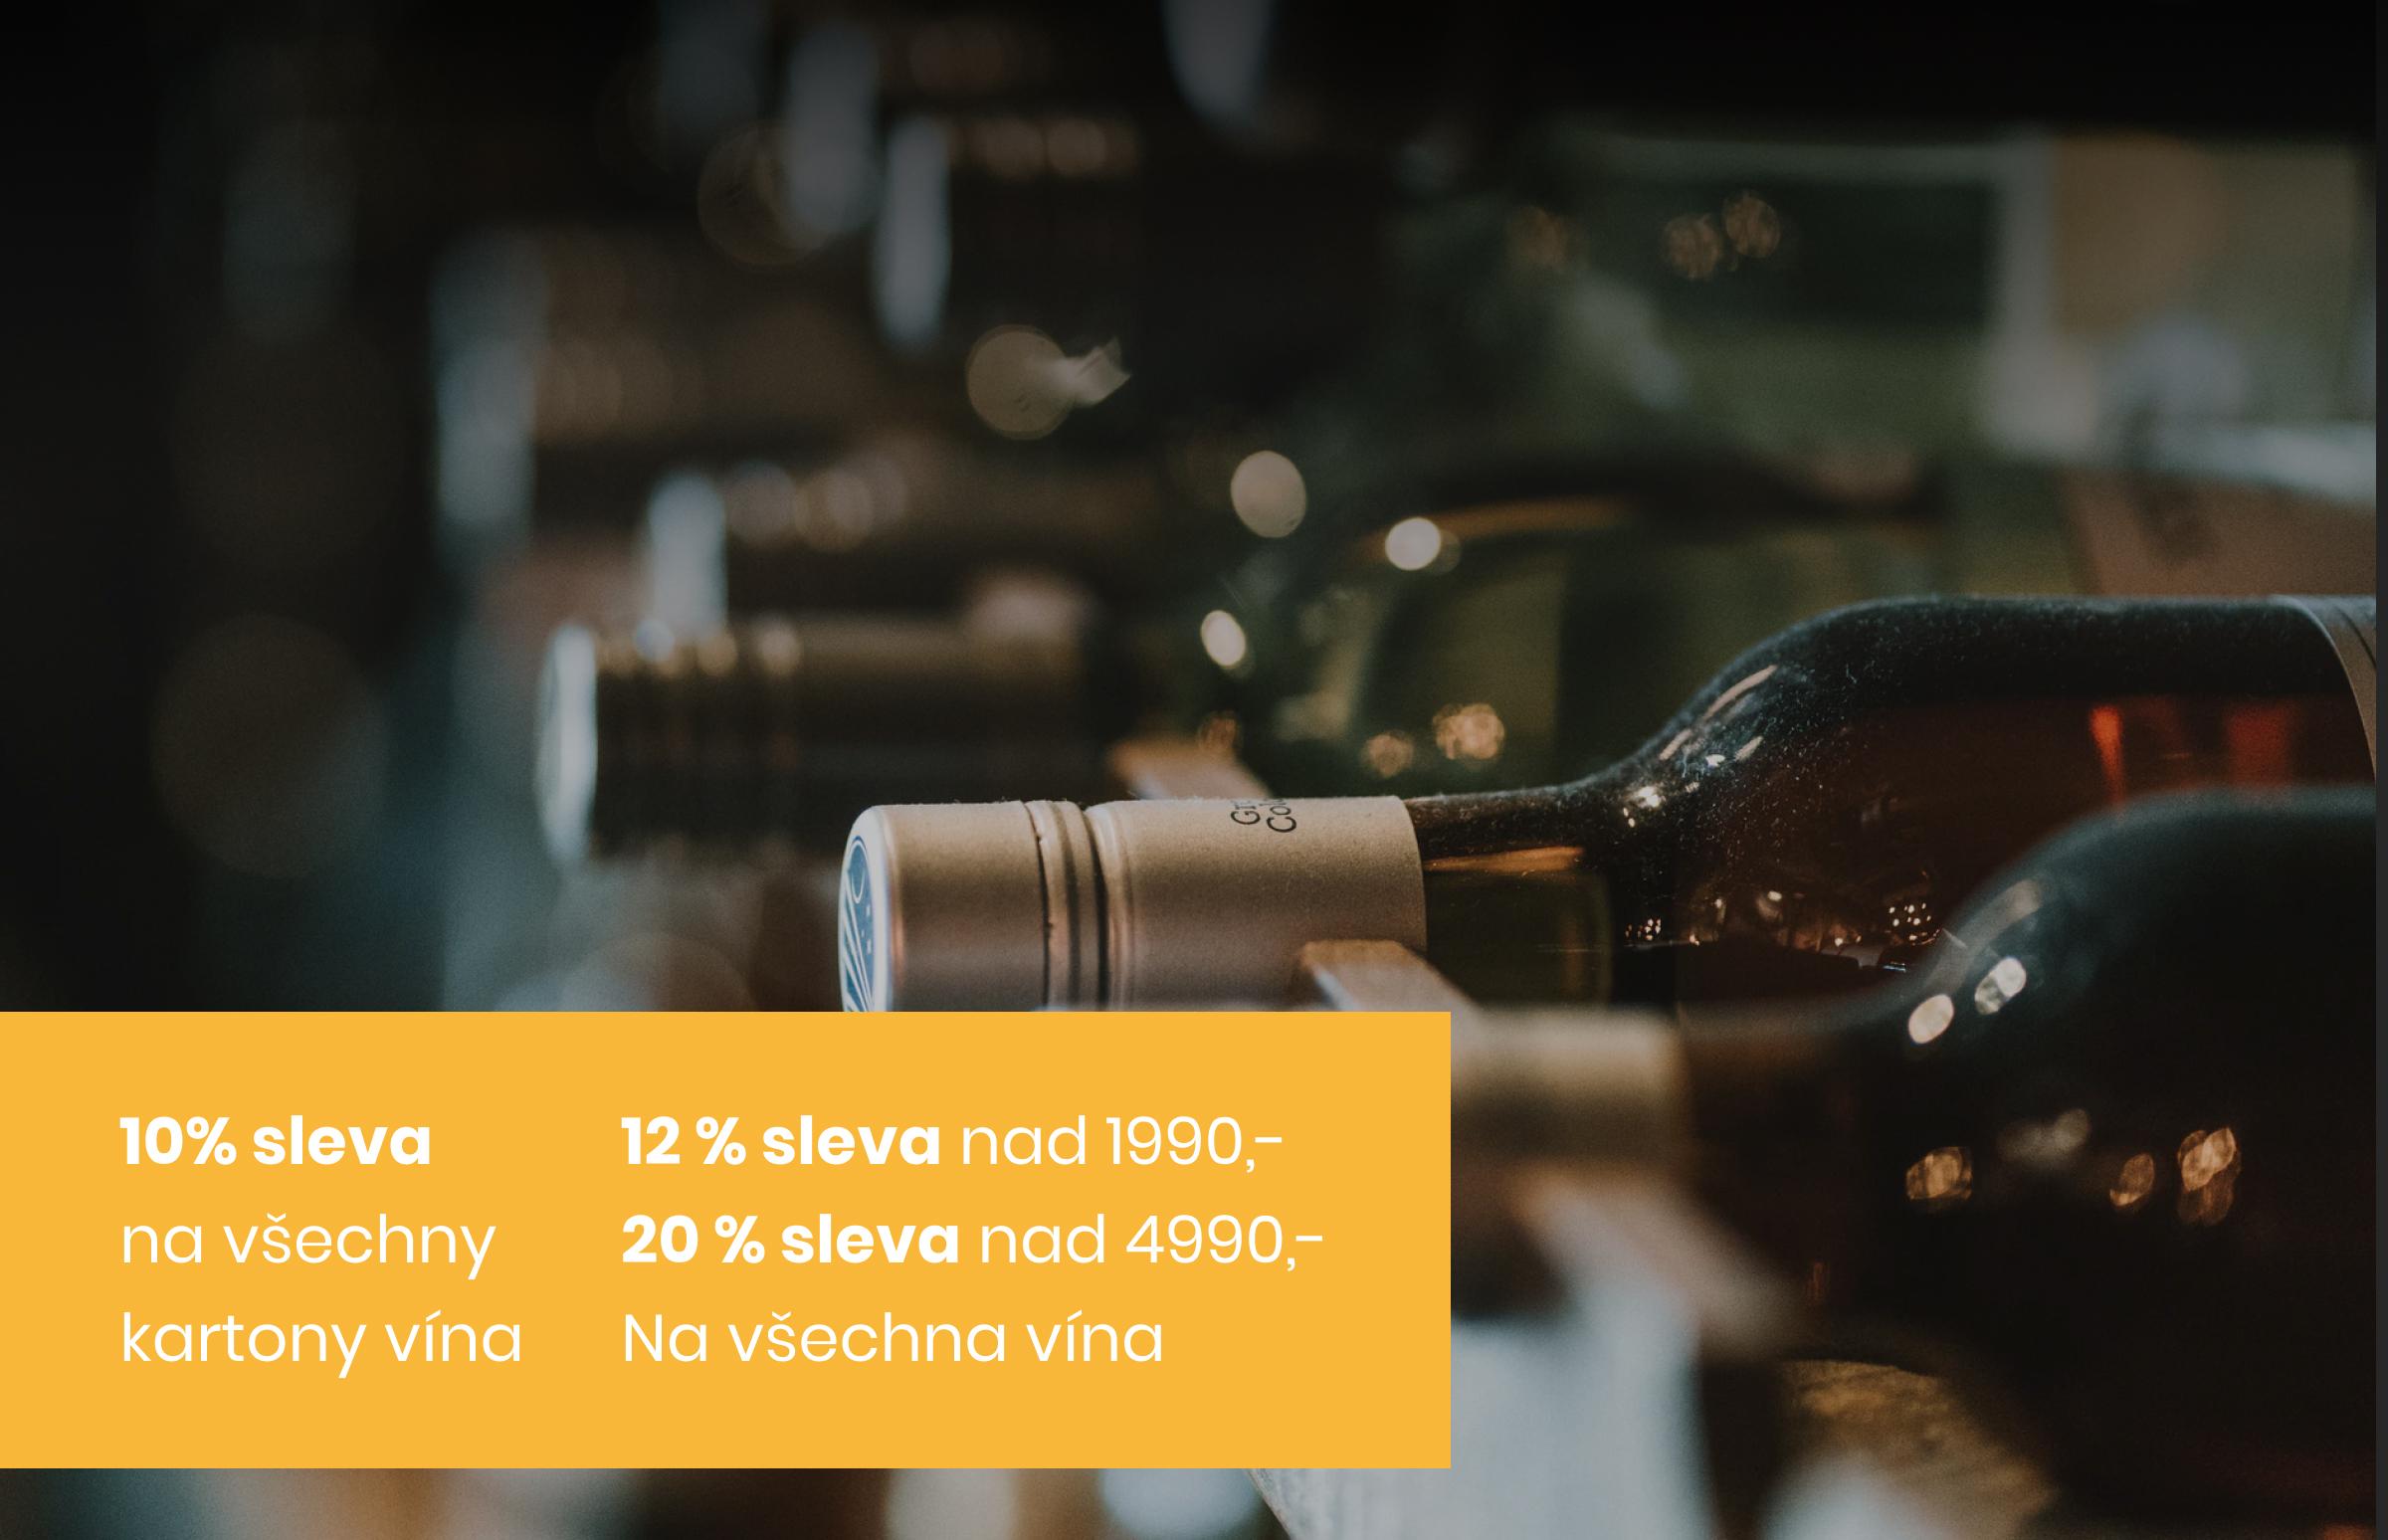 Kartony kvalitního vína Vám přivezeme po Praze expresně do hodiny, s dopravou zdarma, nonstop